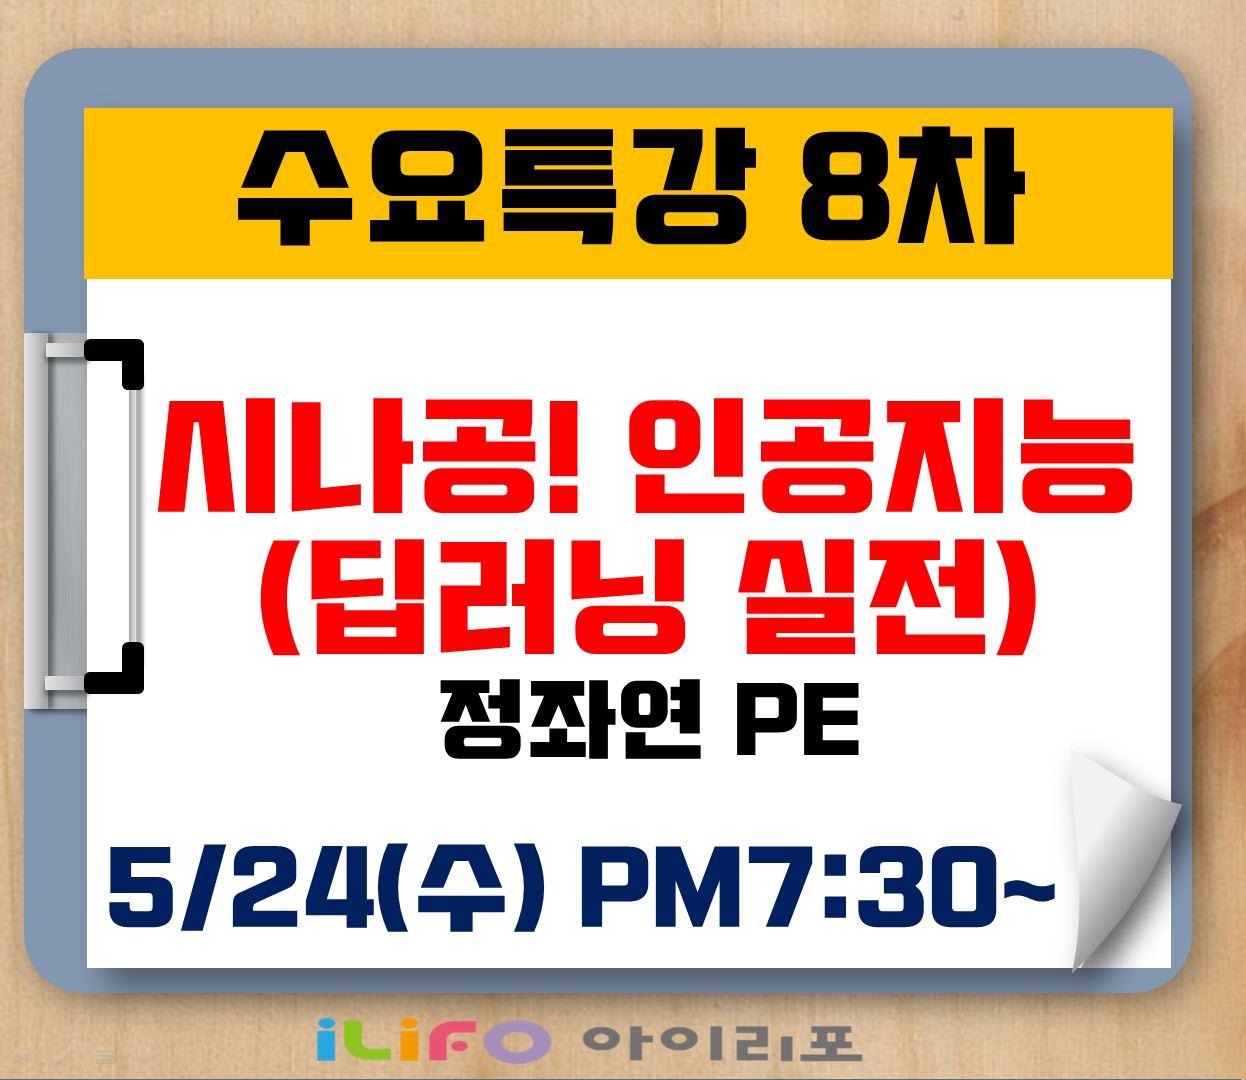 [수요특강 8차] 시나공! 인공지능 (딥러닝 실전)_ JY PE(5/24)